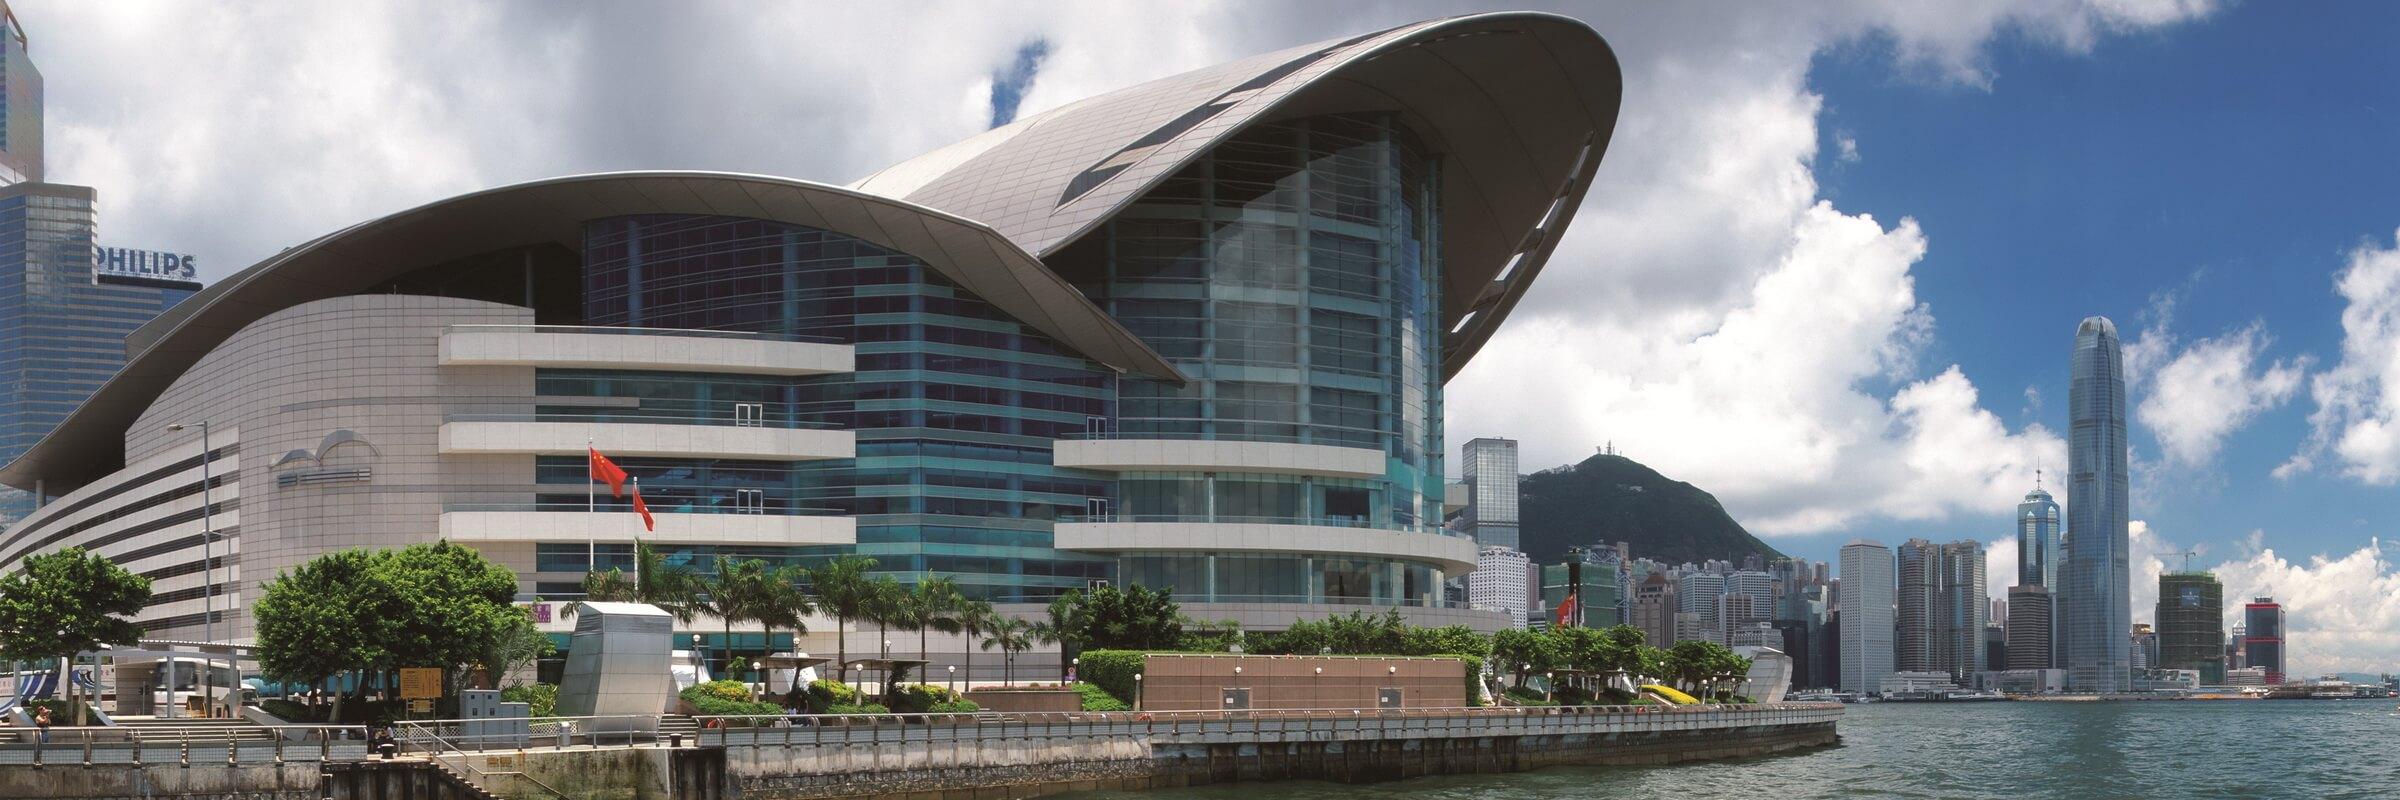 Das Hong Kong Convention and Exhibition Centre im Stadtgebiet Wan Chai North, Hongkong ist eines der zwei größten Center Hongkongs und ist von zahlreichen Hotels und Geschäftsgebäuden umgeben.